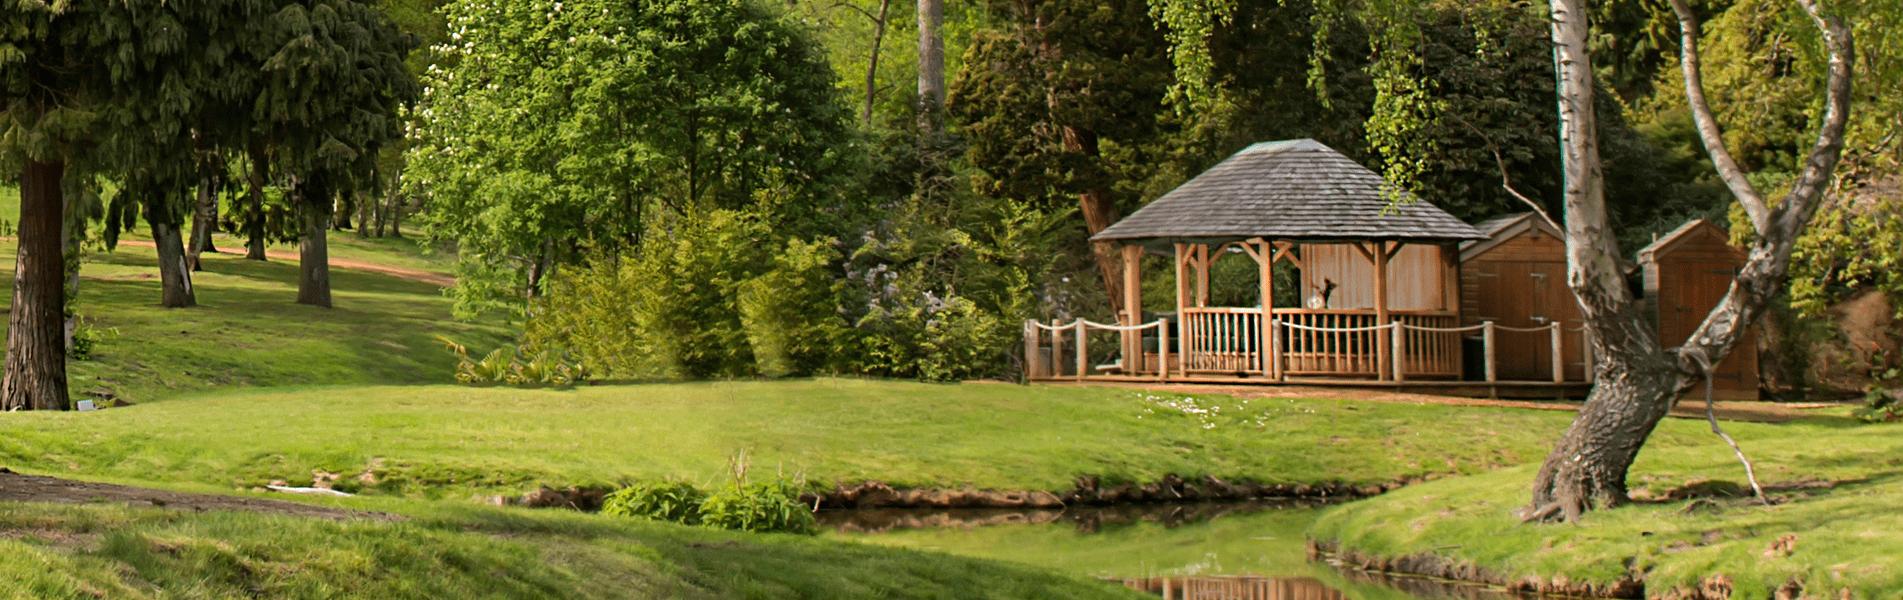 Goodwood Estate - Crown Pavilions Sponsor